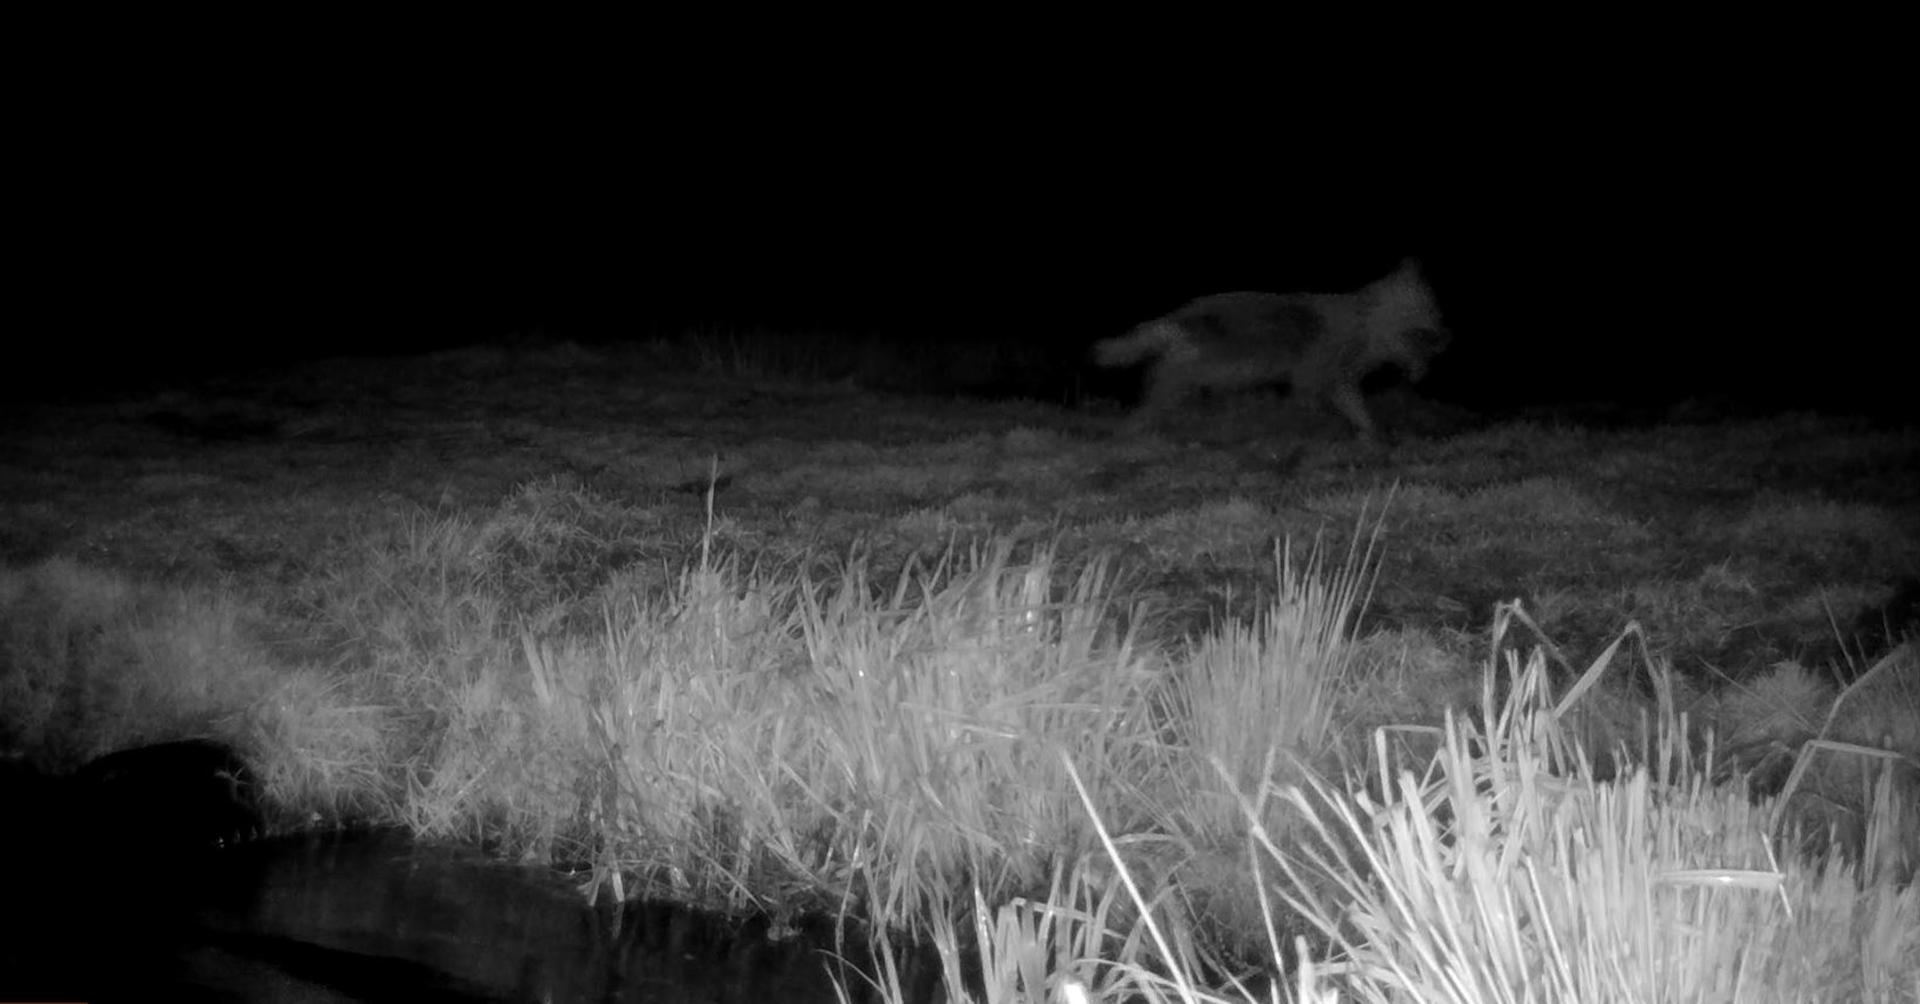 Wolf in de Alde Feanen